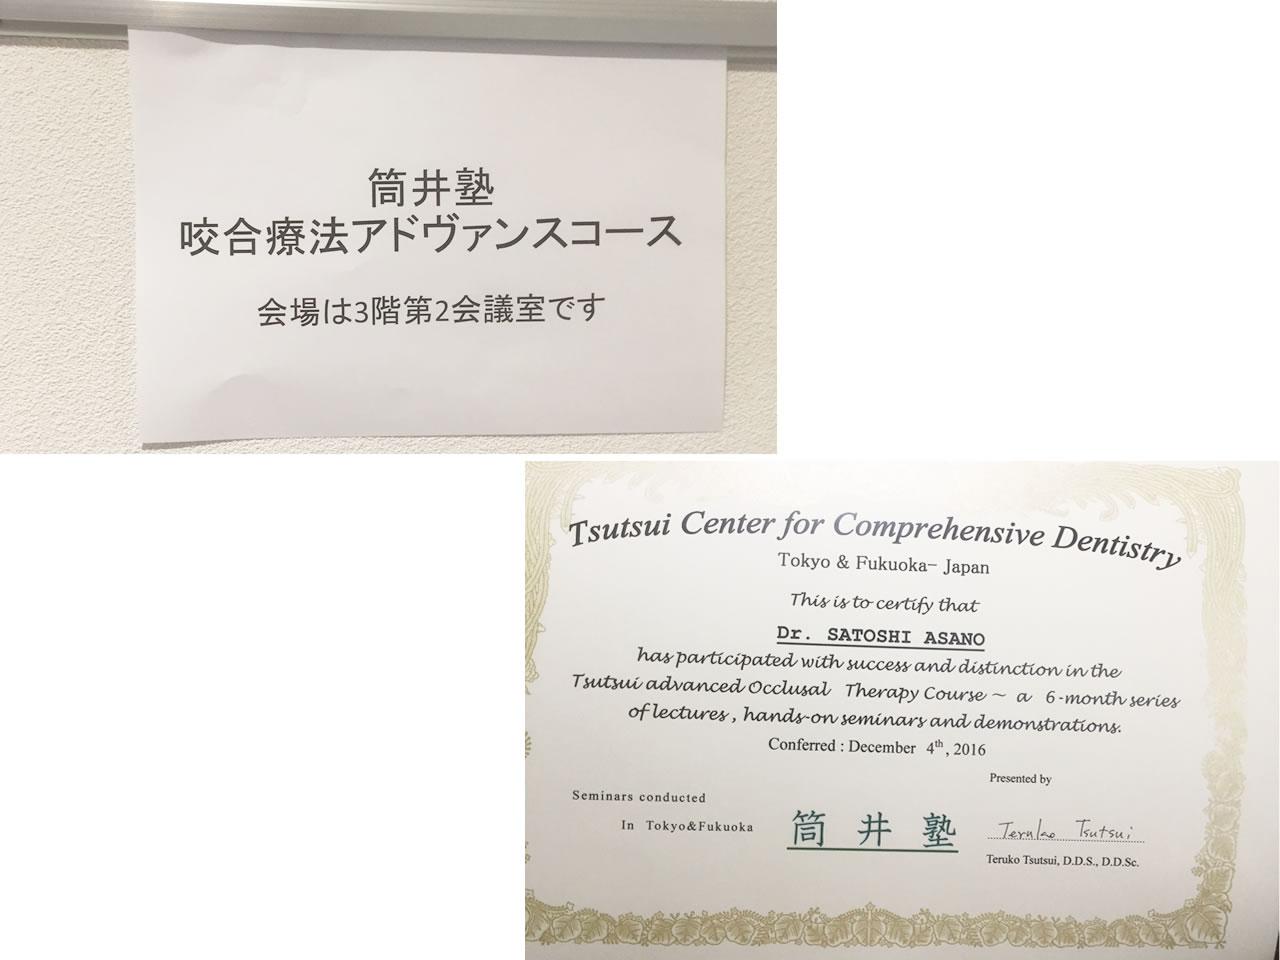 筒井塾 咬合療法アドヴァンスセミナー(6か月コース)6回目講習とサーティフィケート